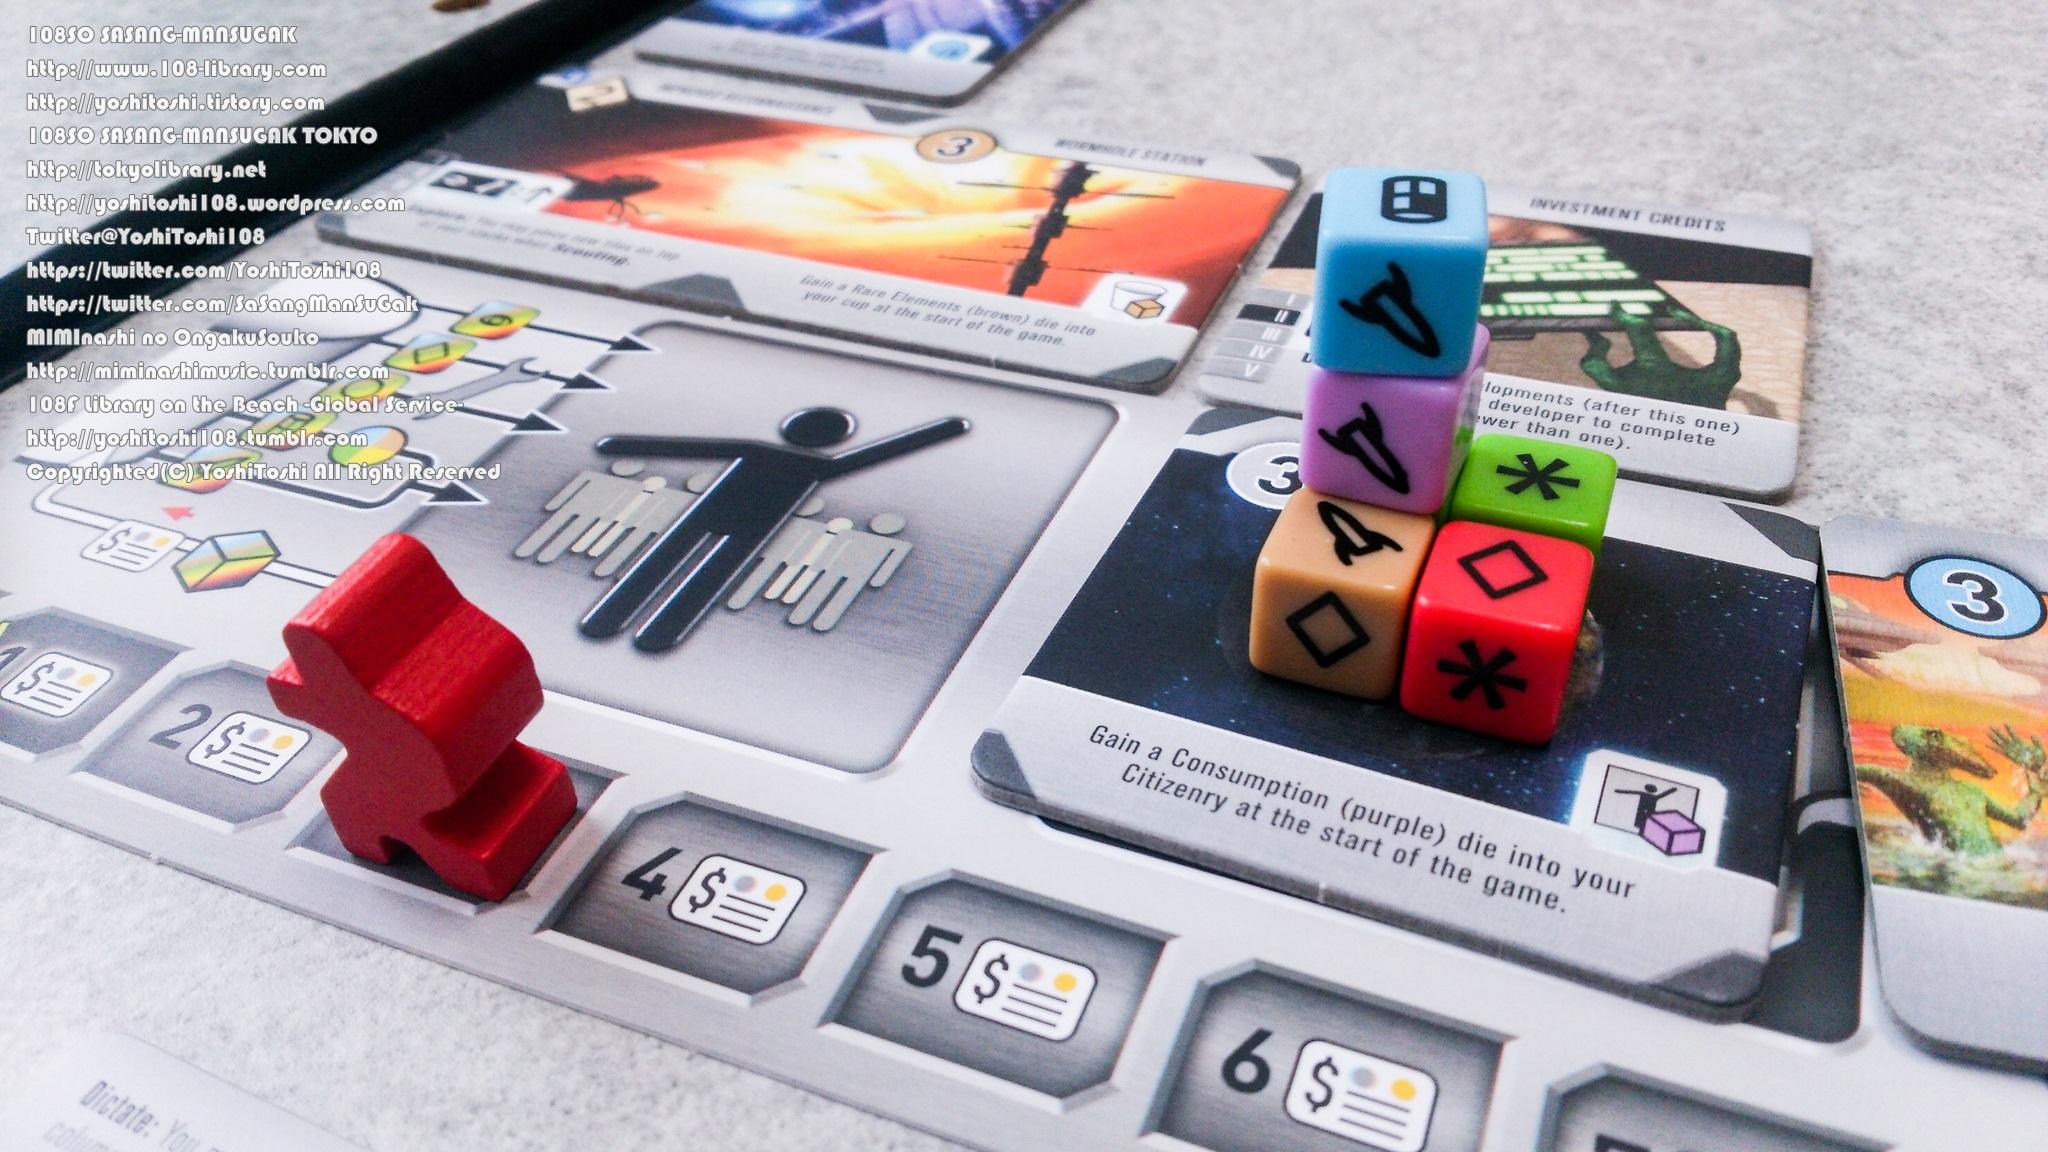 ボードゲーム 写真 Roll for the Galaxy DEUS テラミスティカ